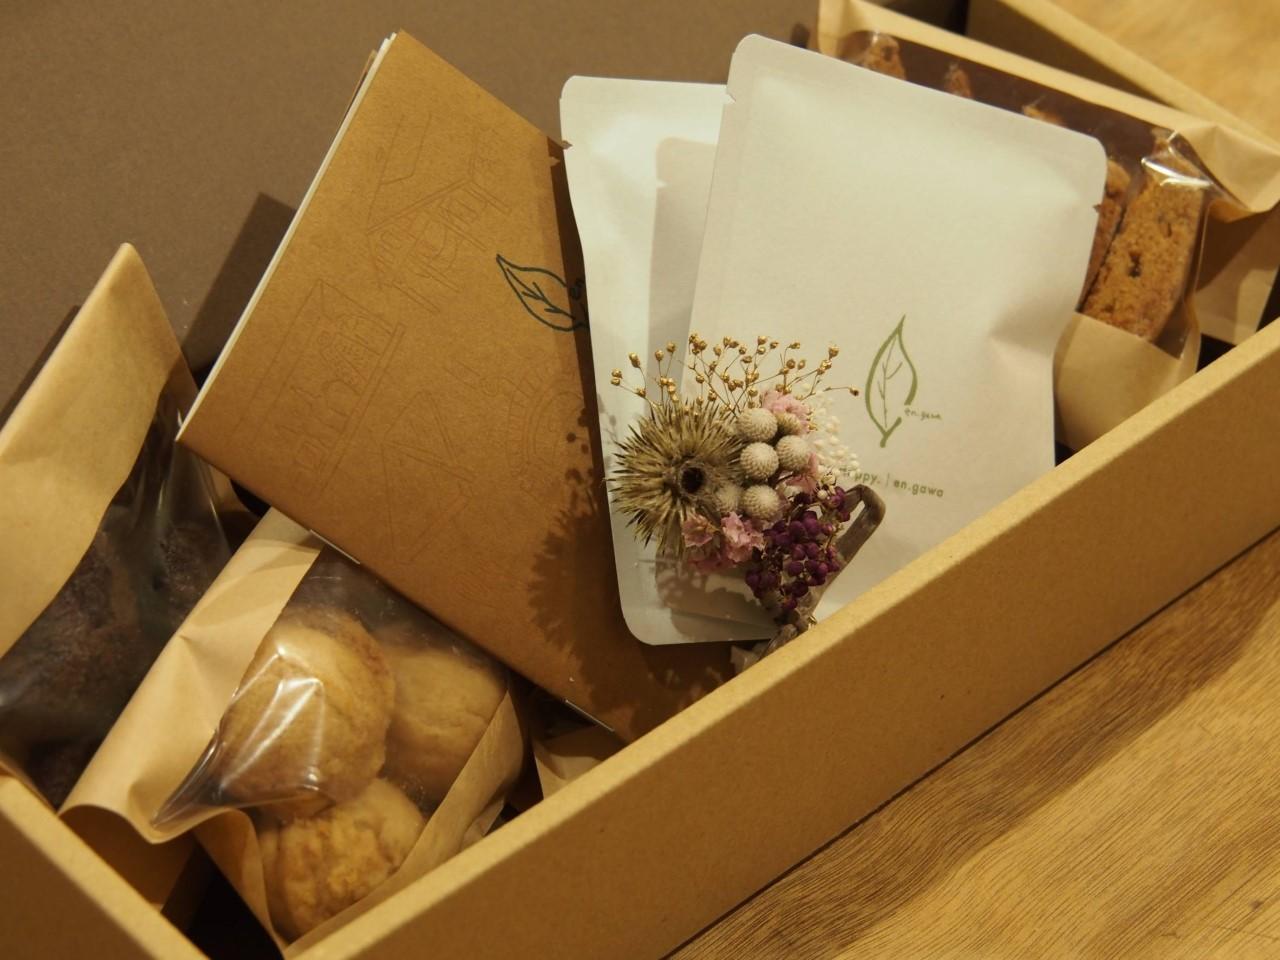 発送してます、詰め合わせのお菓子箱_d0263607_12032001.jpg